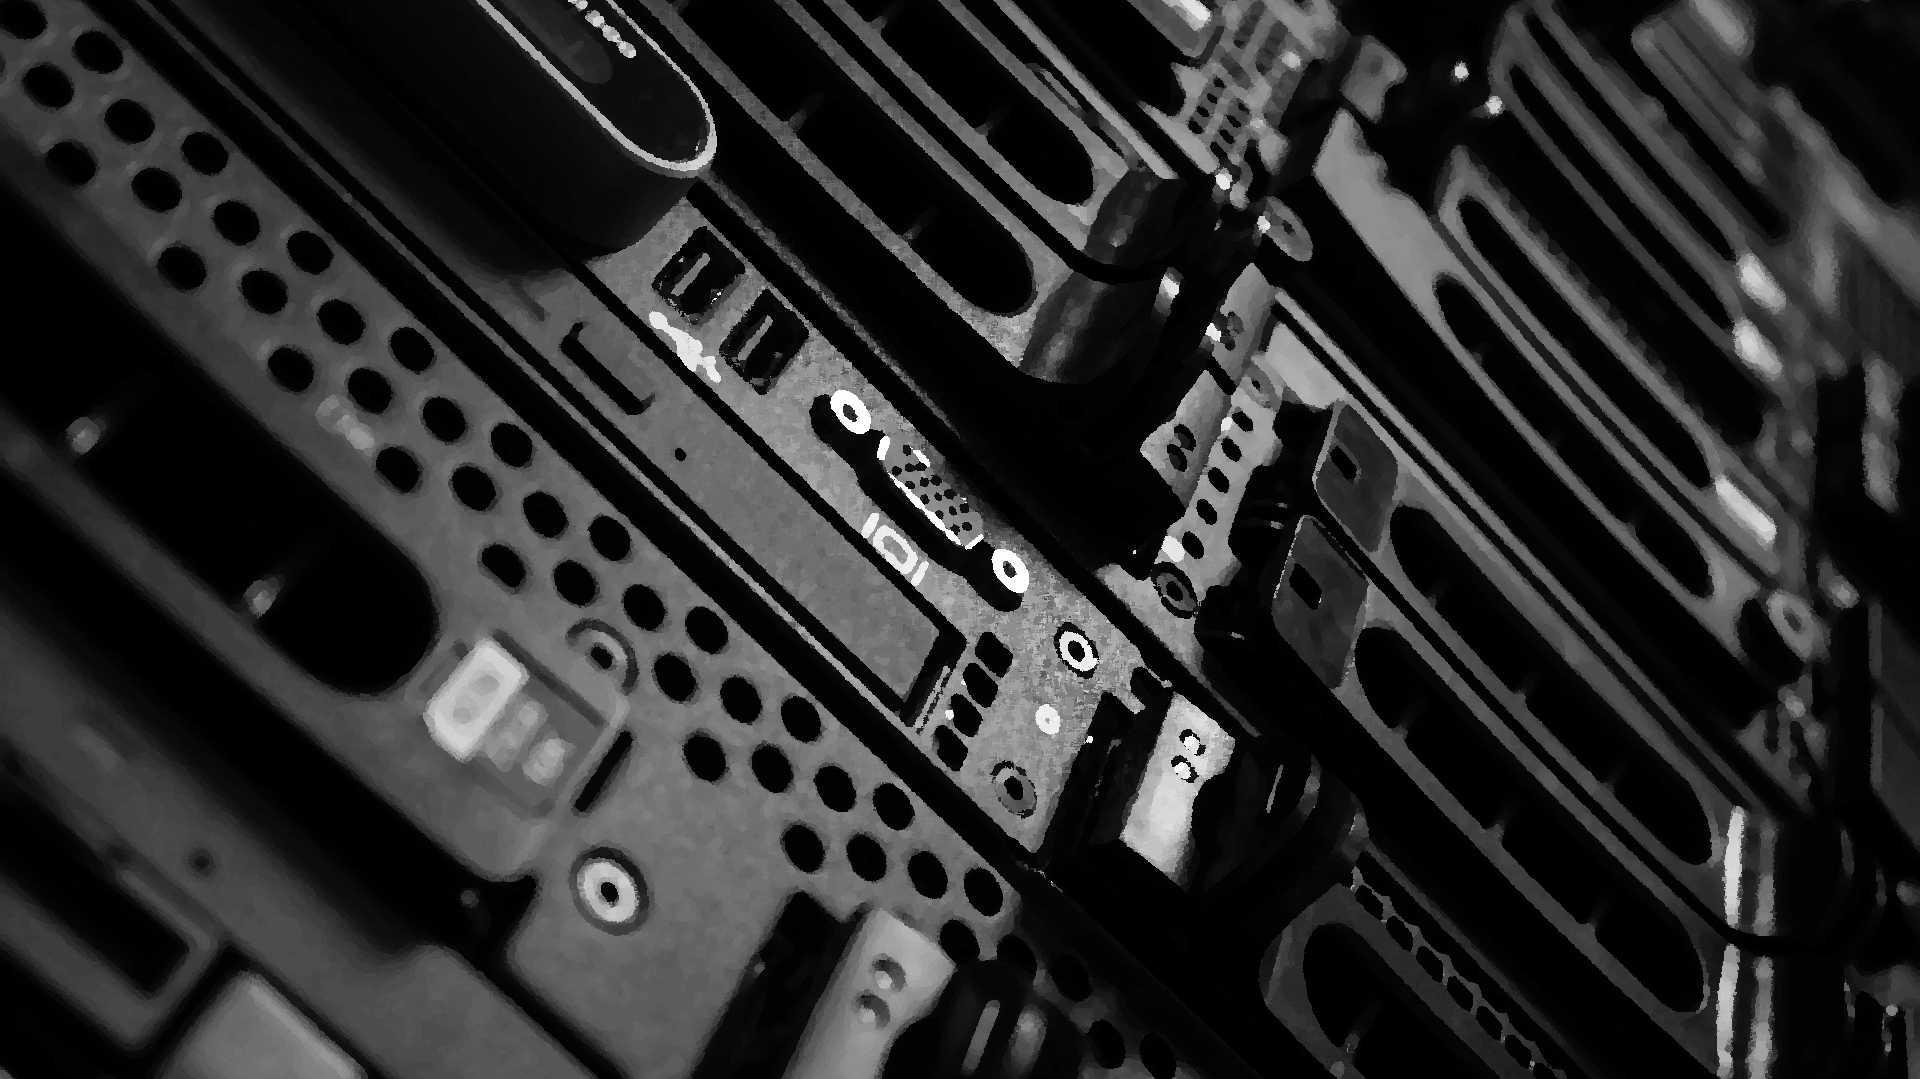 """Mysteriöse KI in Neuseeland: Ist """"Zach"""" hochmoderne Technik oder ein Mensch an einem PC?"""